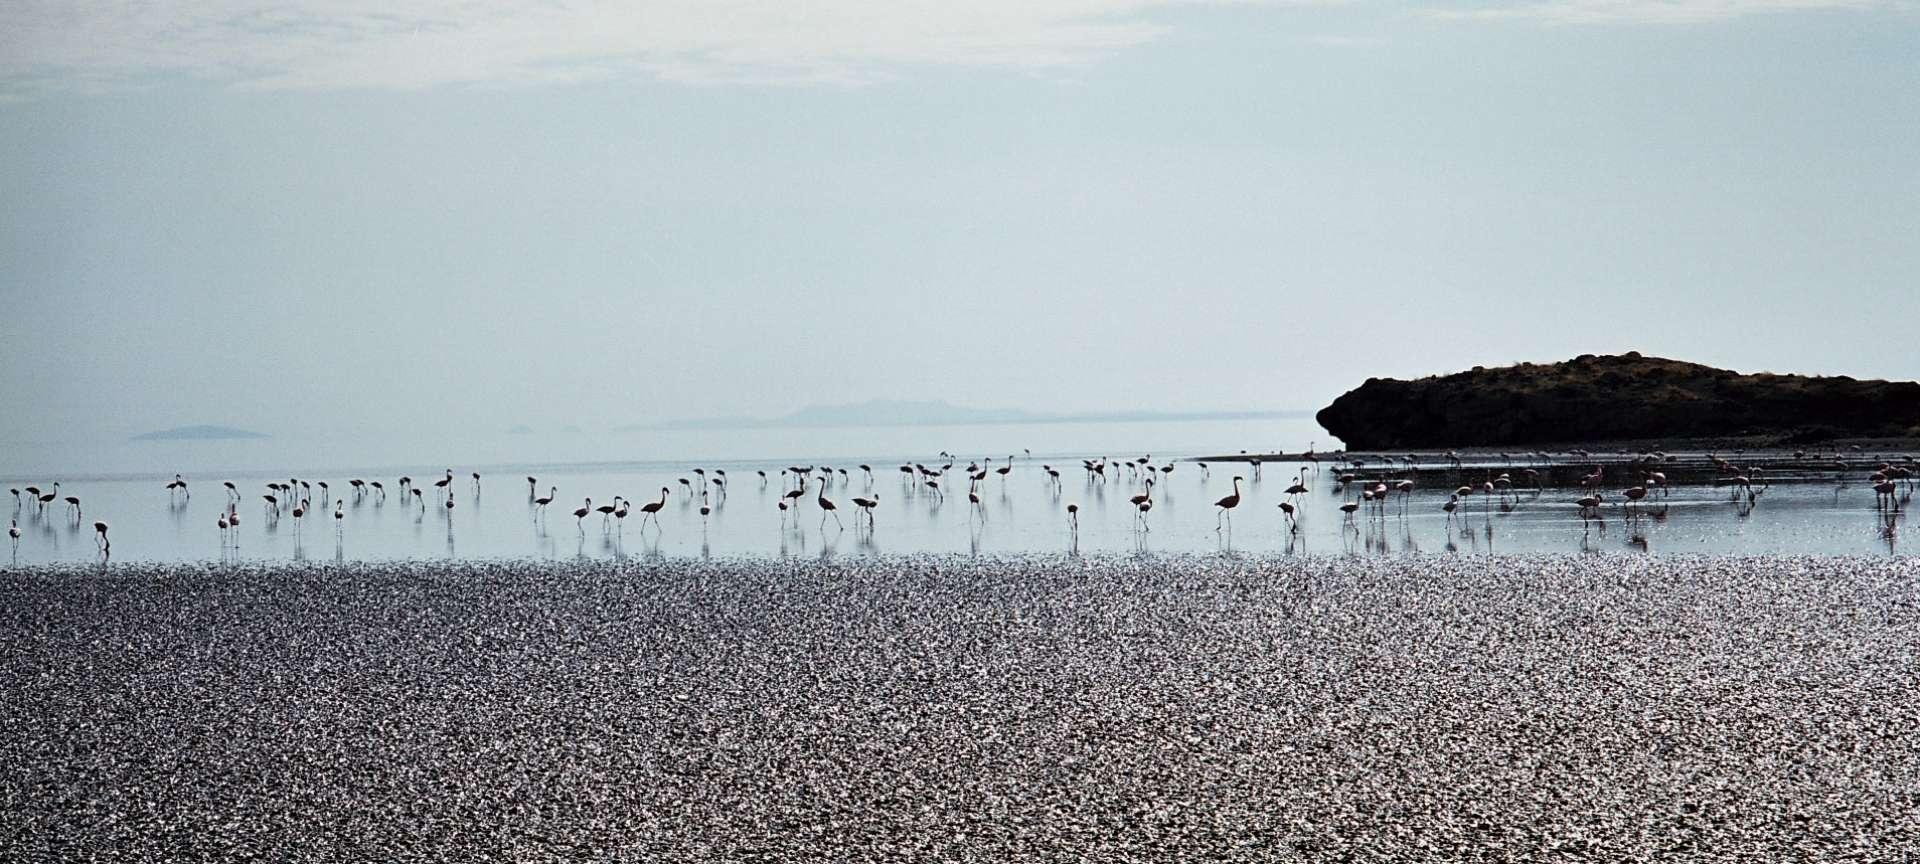 Lake Natron - Africa Wildlife Safaris